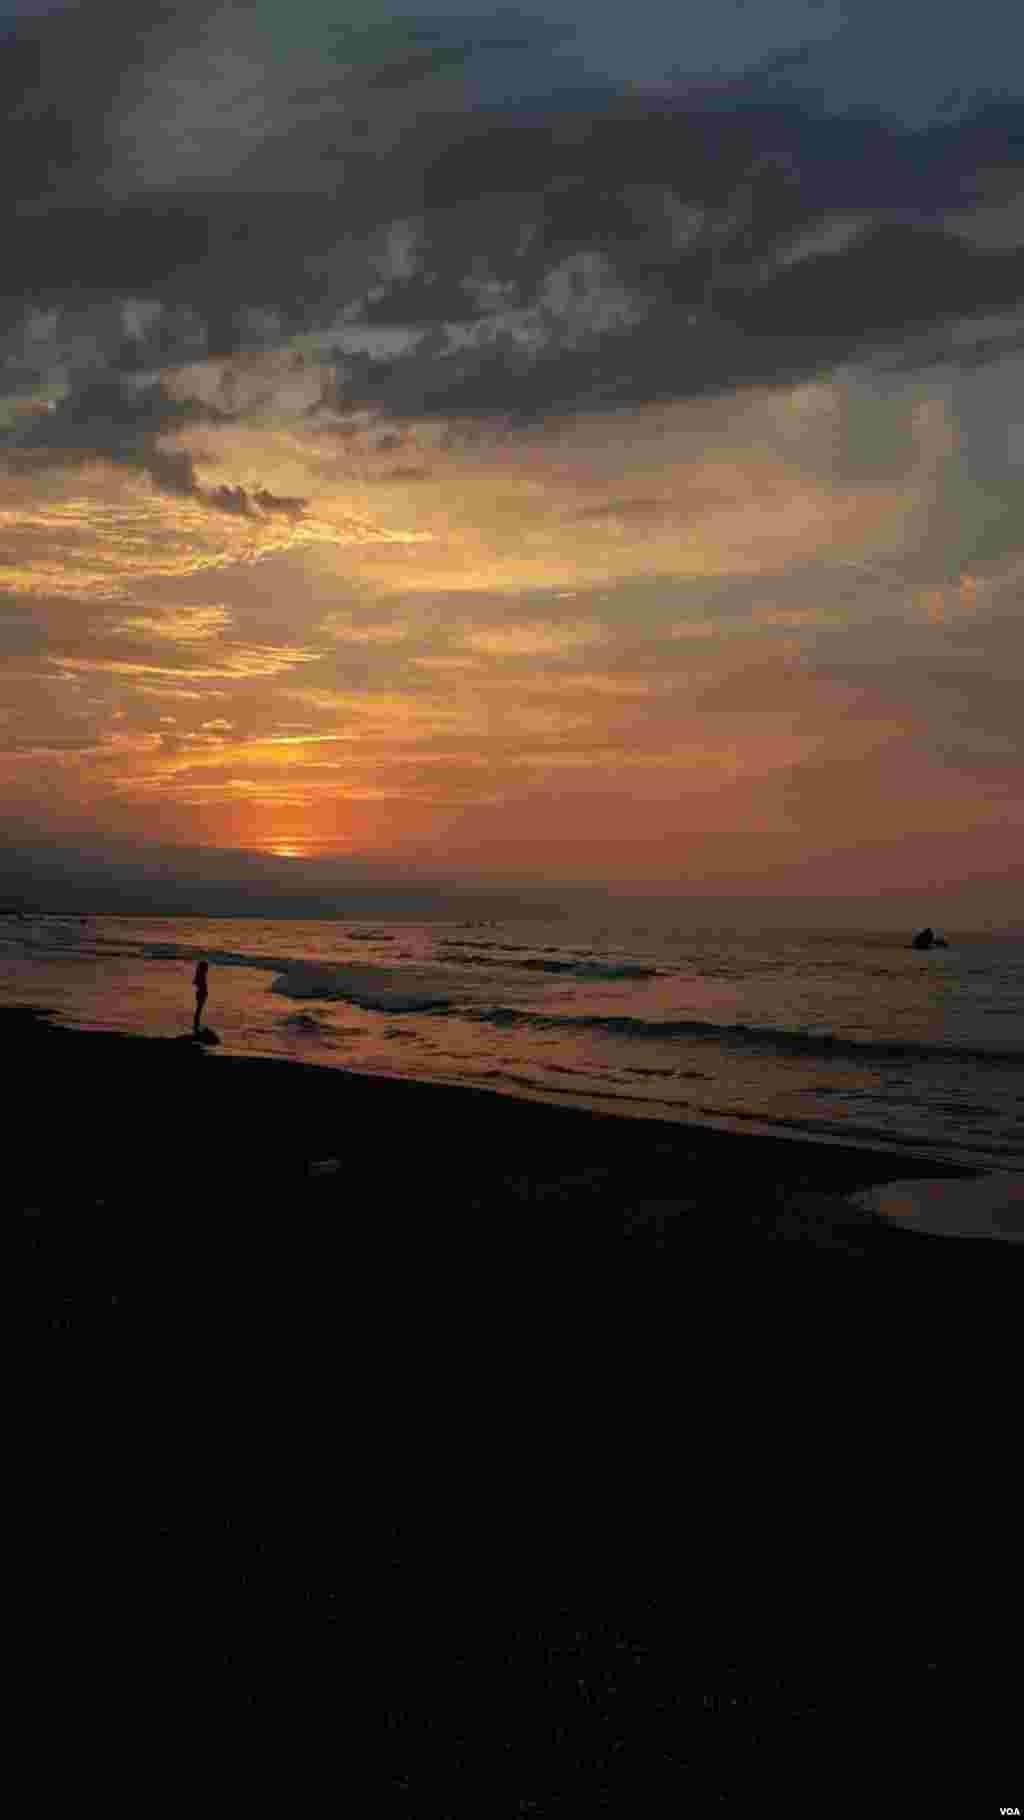 نمایی از دریای خزر در متل قو عکس: آریا (ارسالی شما)